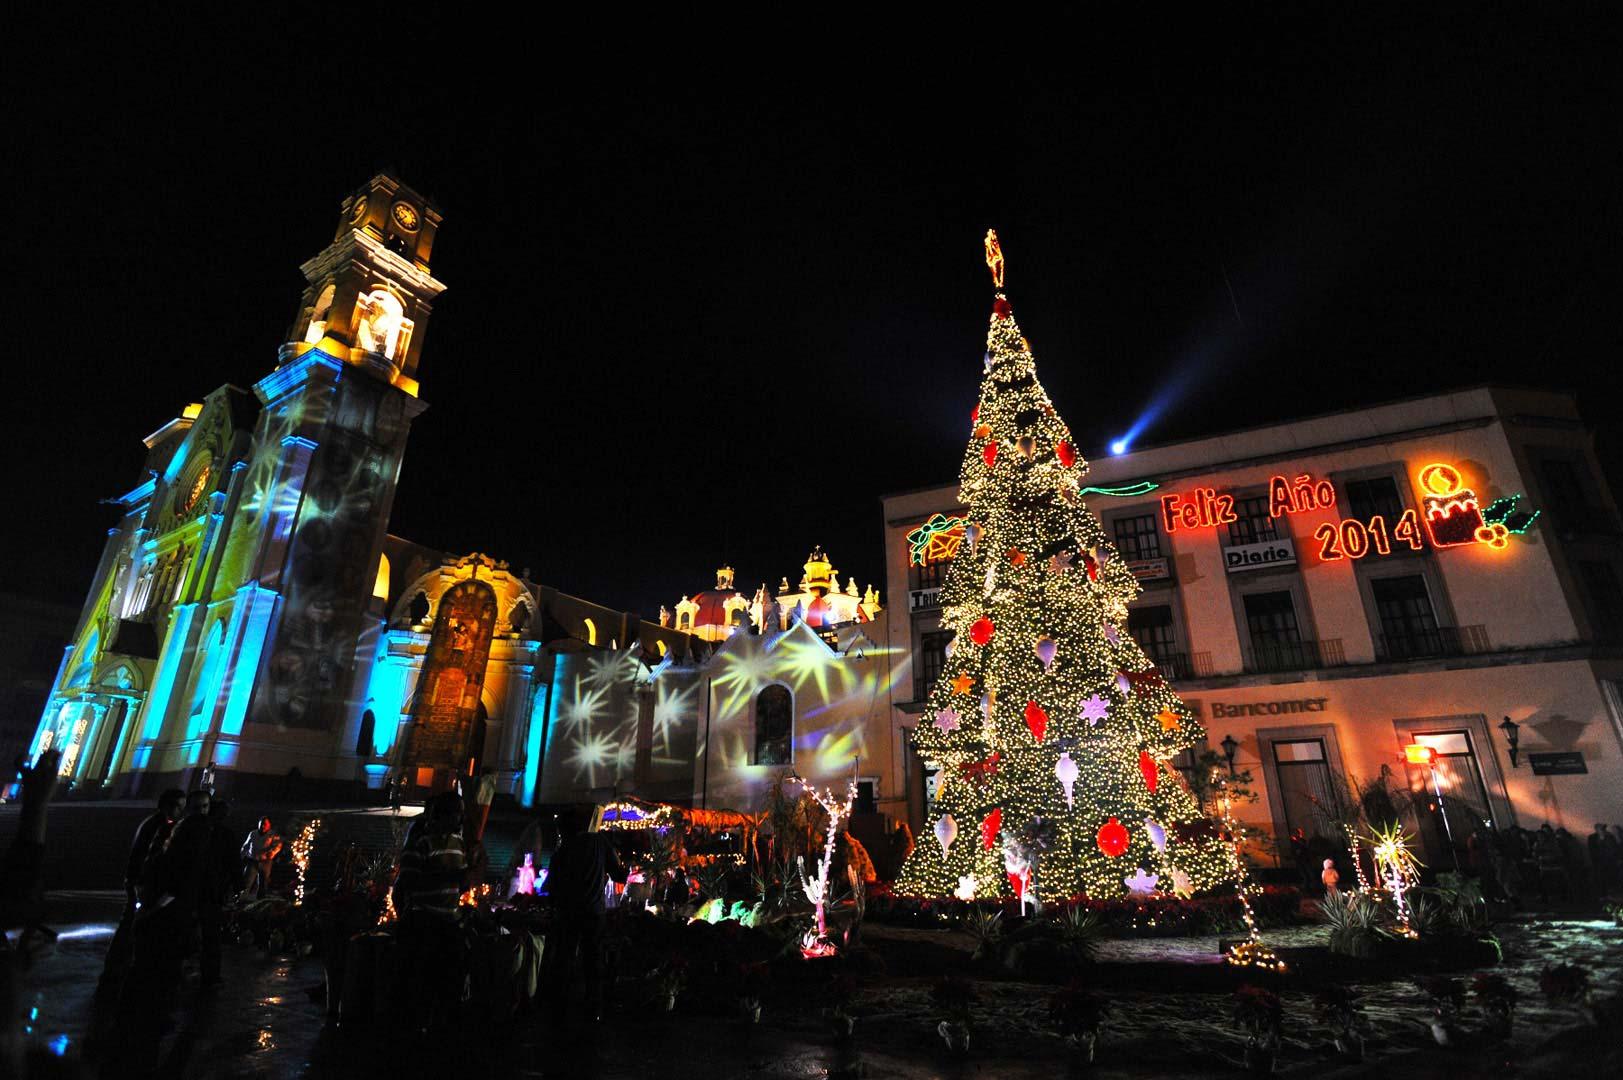 San Miguel de allende en navidad